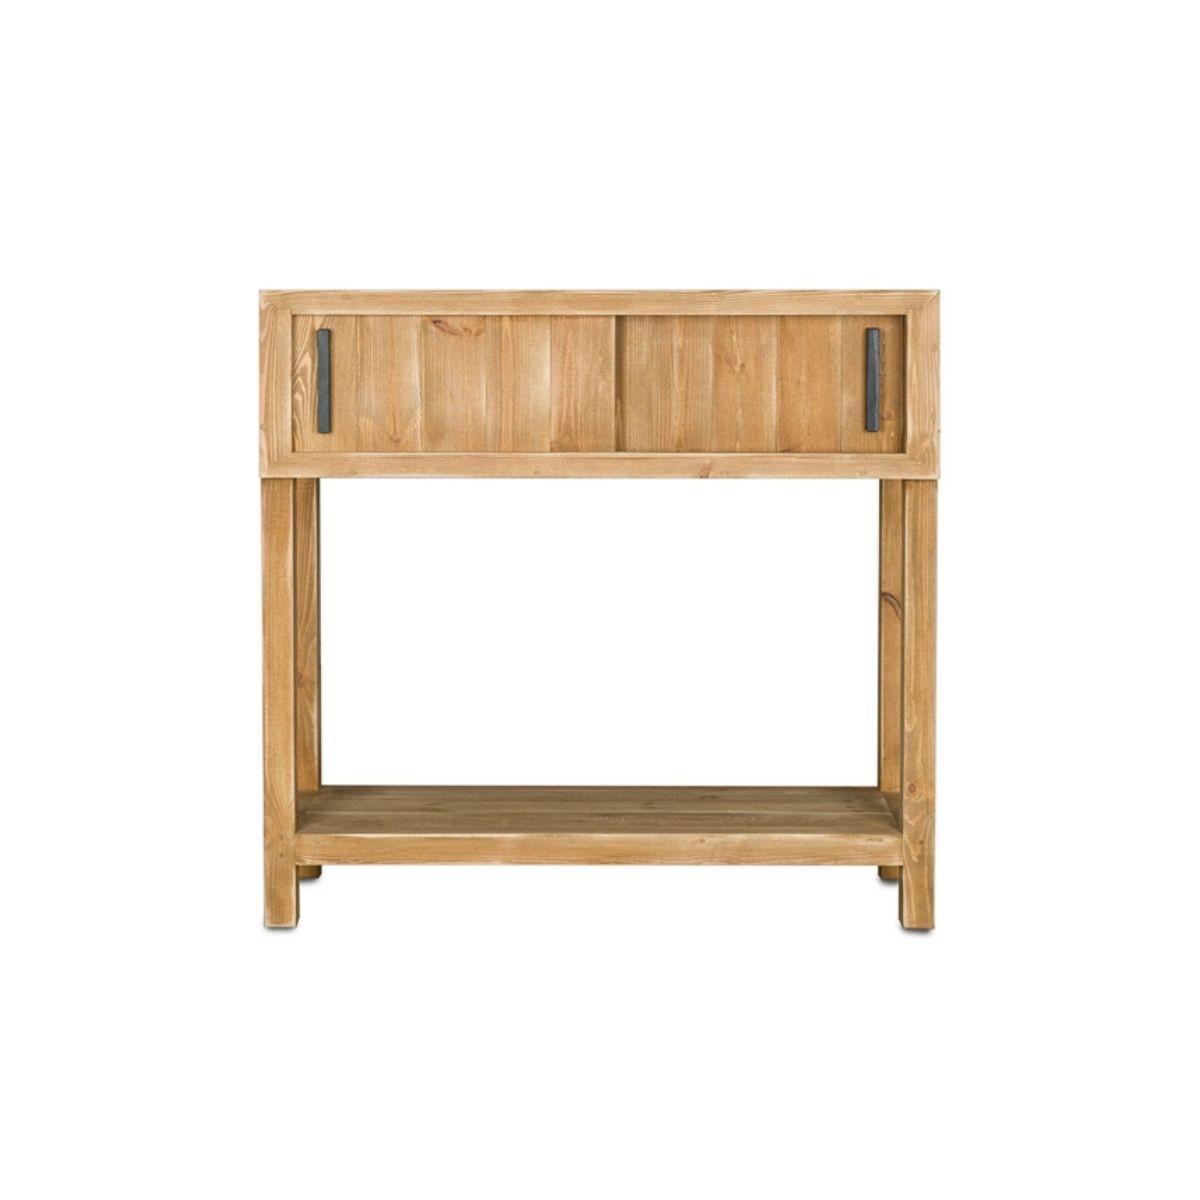 Console 2 portes coulissantes pin massif bois vieilli